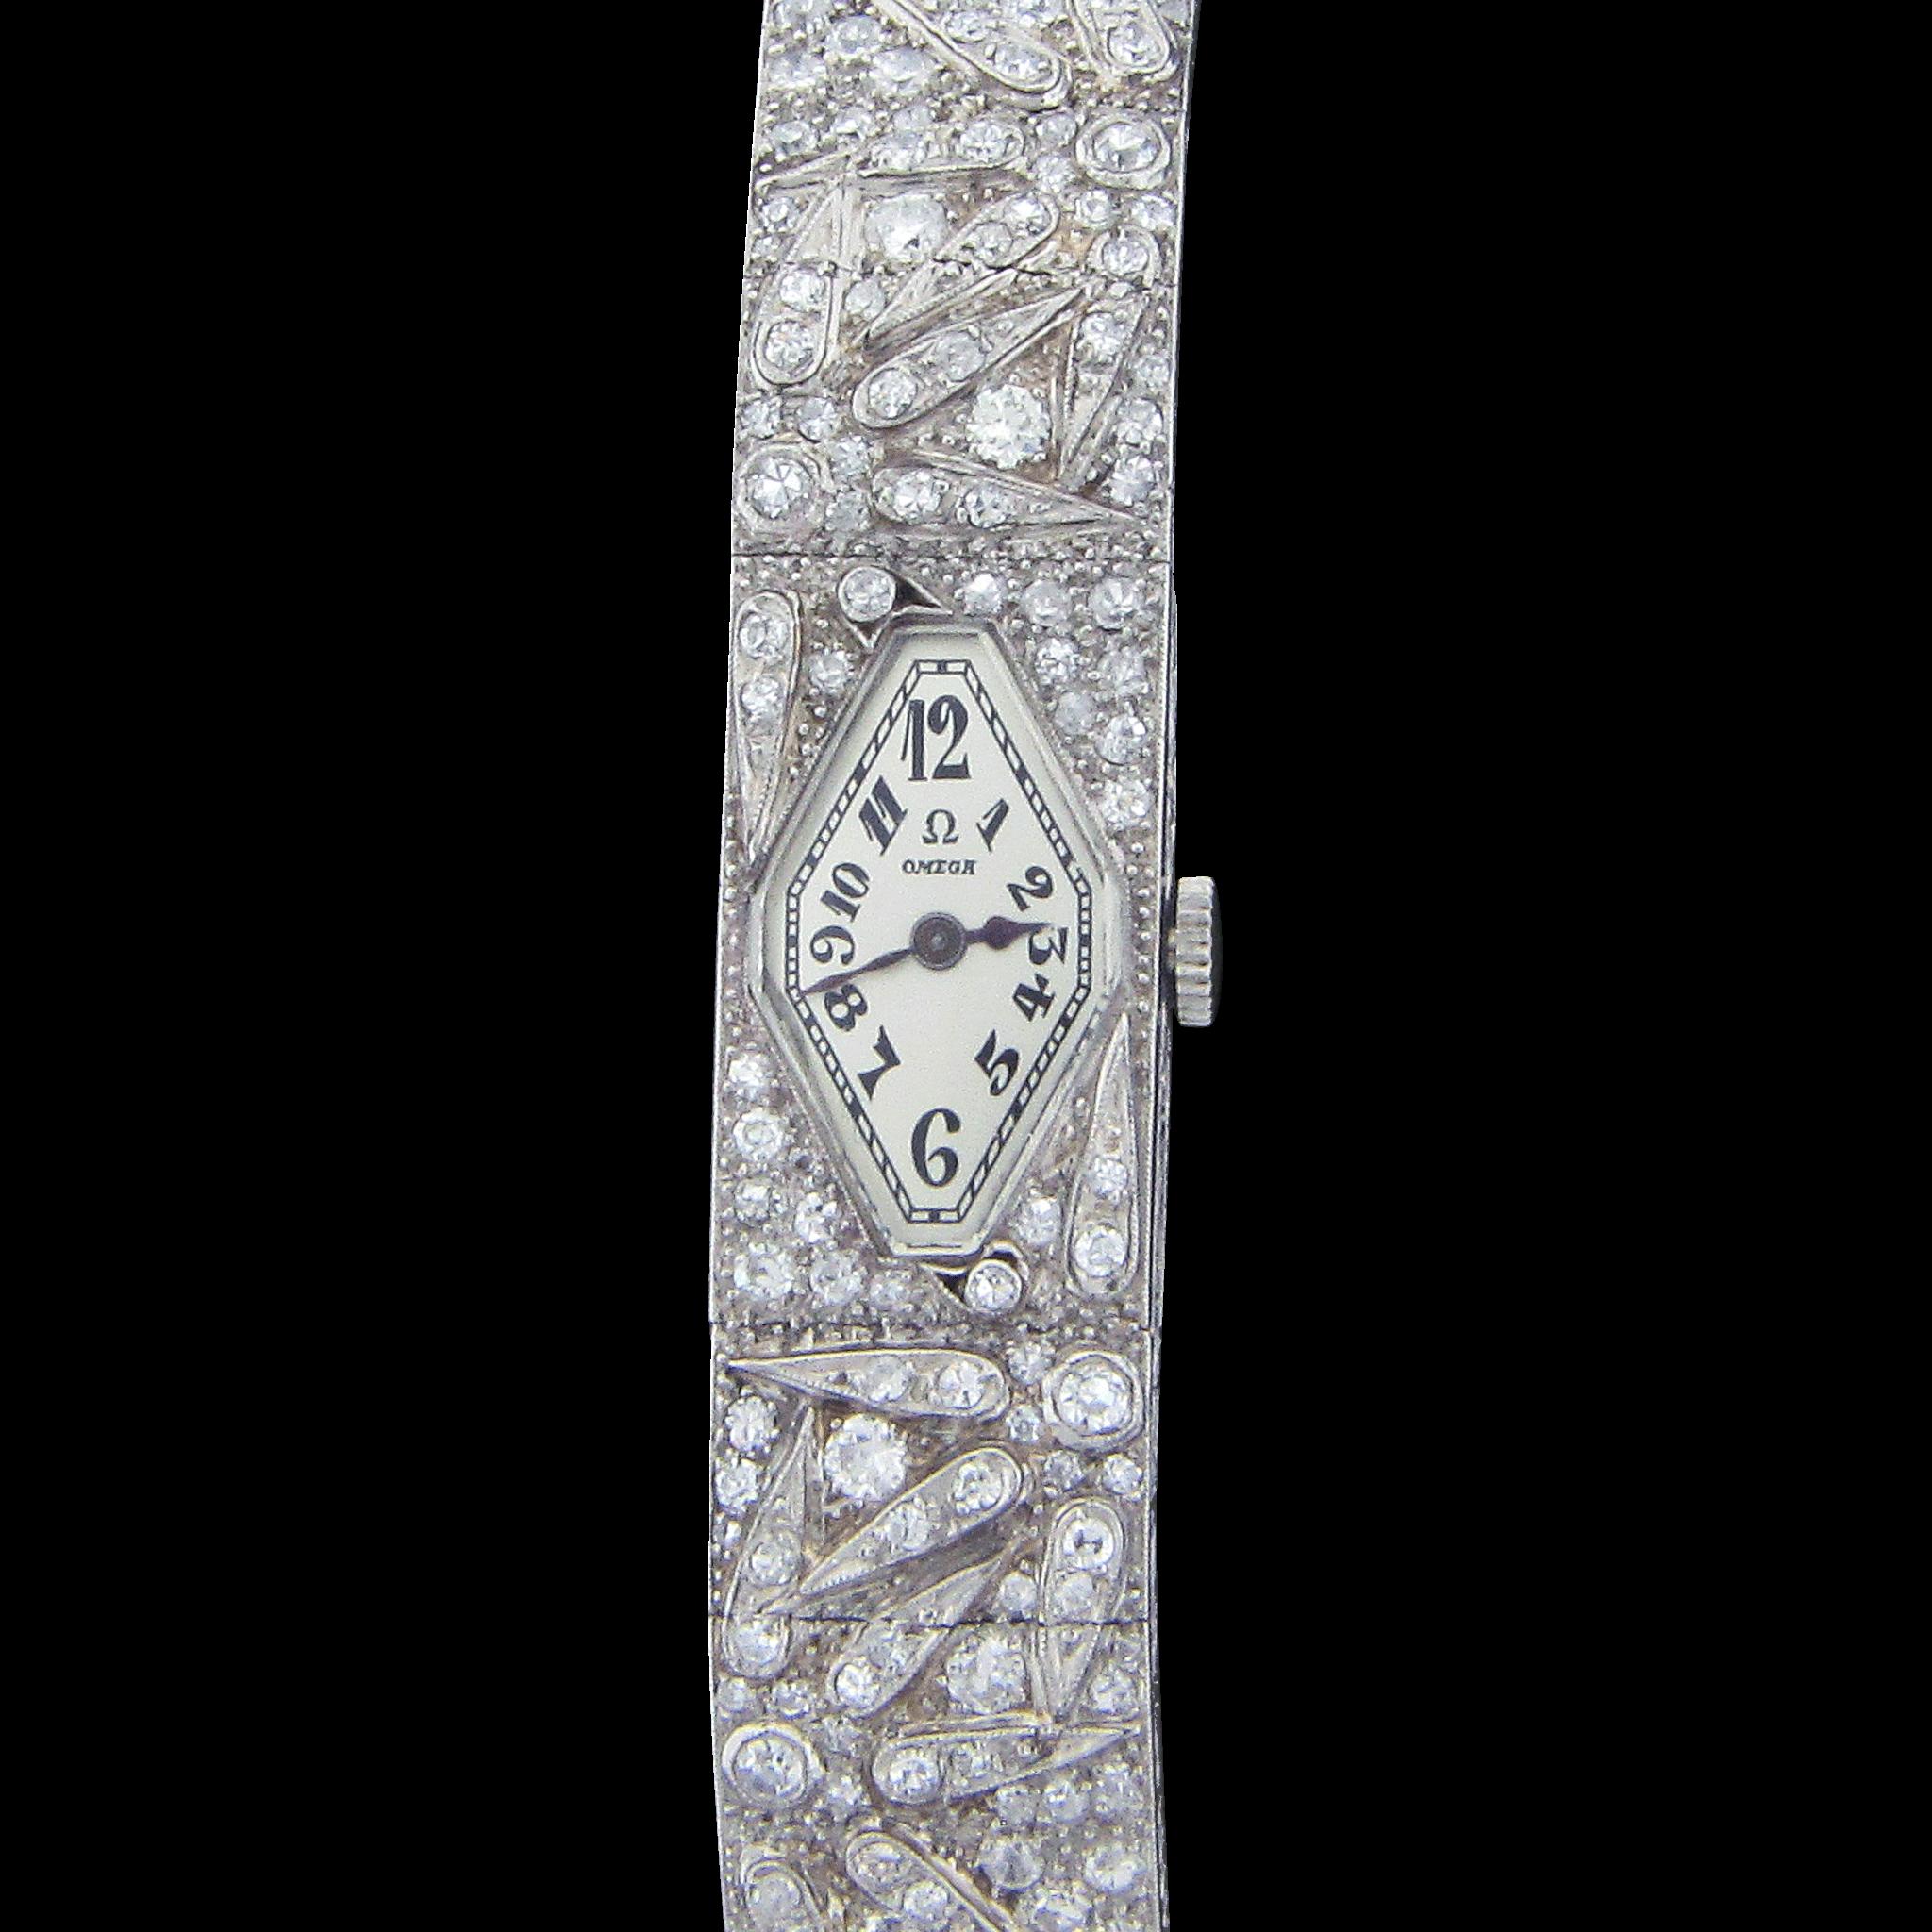 Swiss Ladies Omega Dress Wrist Watch with 135 Diamonds